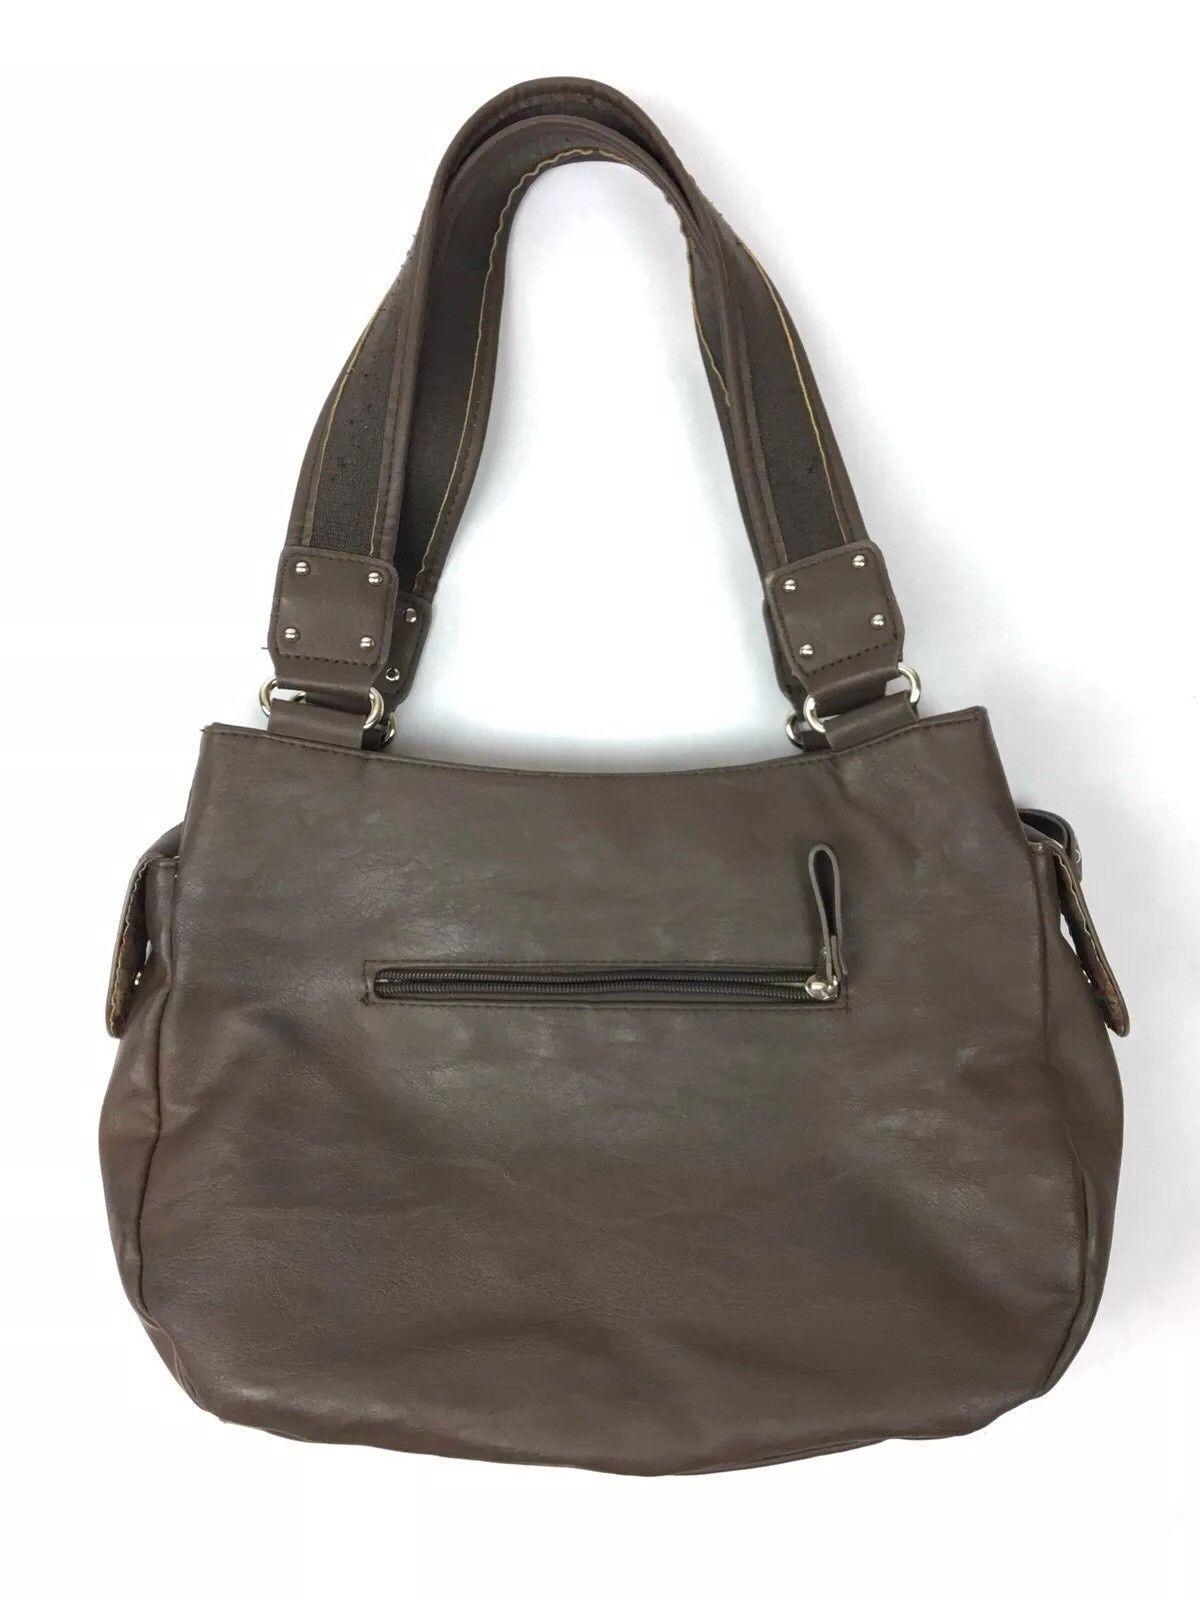 07e9d48c68 Tyler rodan purses reviews best purse image ccdbb jpg 1200x1600 Tyler rodan  mandalay hobo